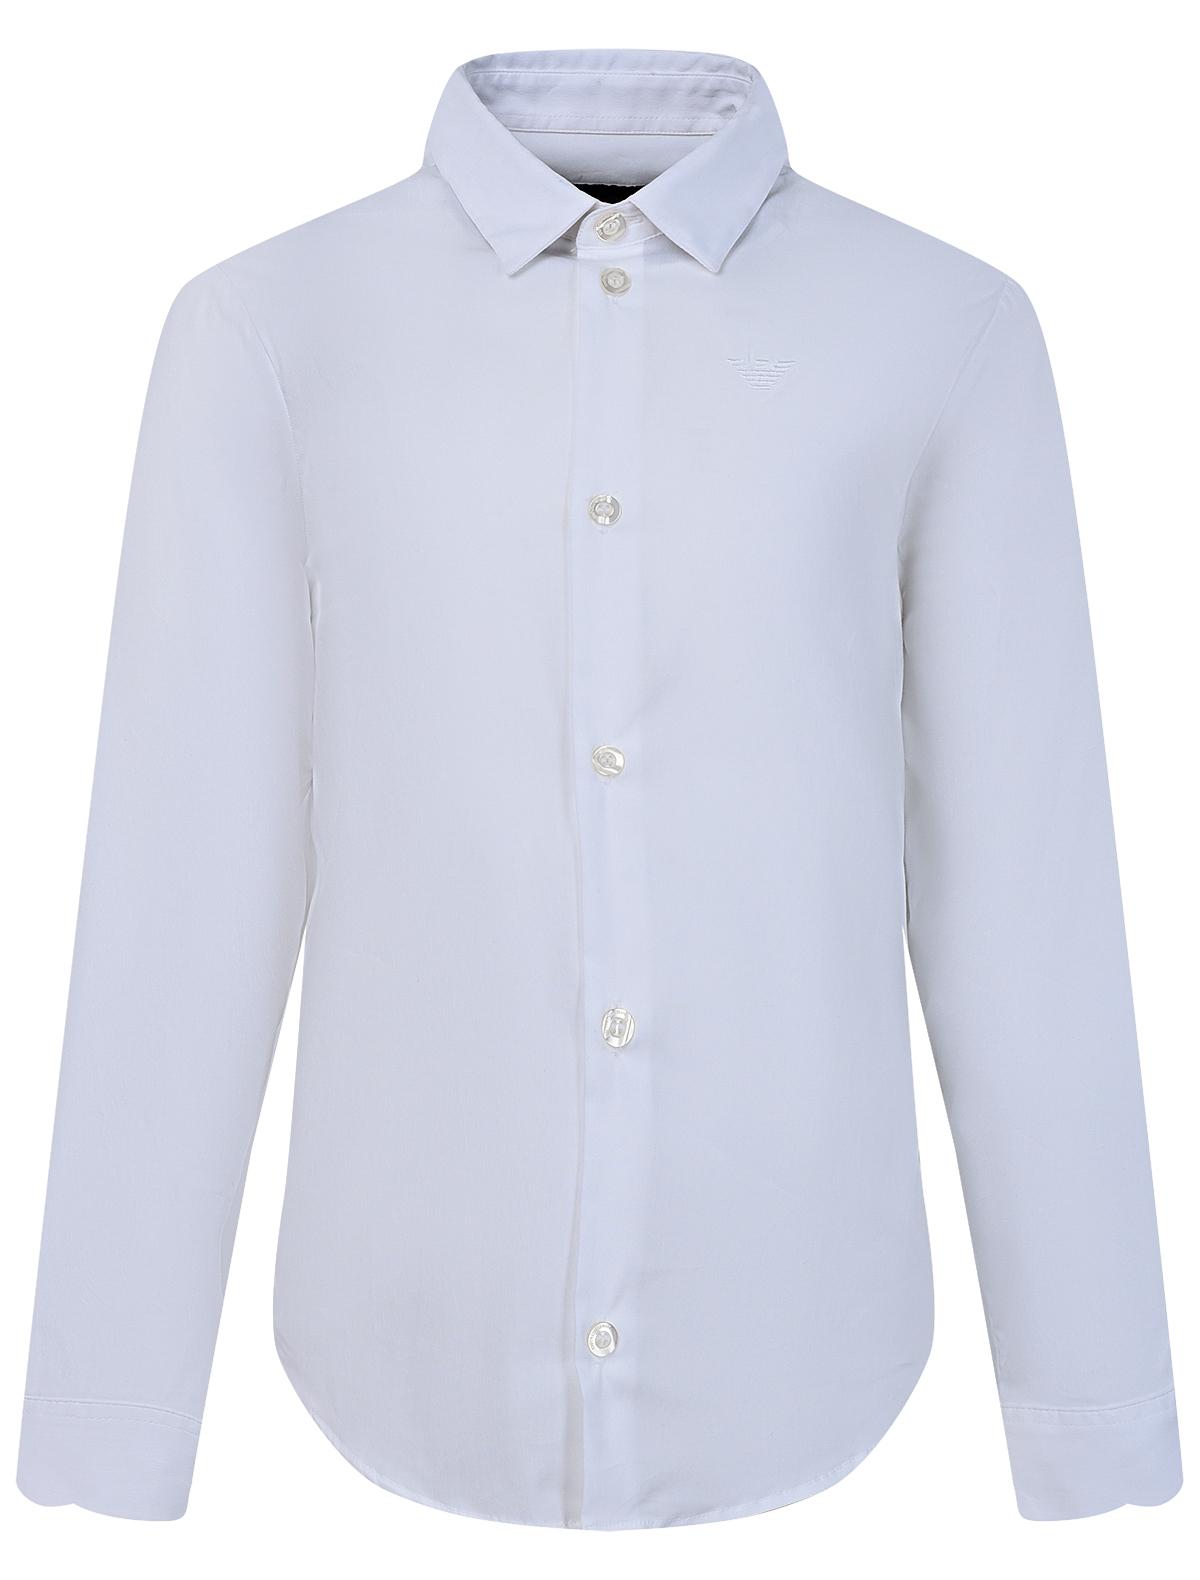 Купить 2048735, Рубашка Armani Junior, белый, Мужской, 1011219980389